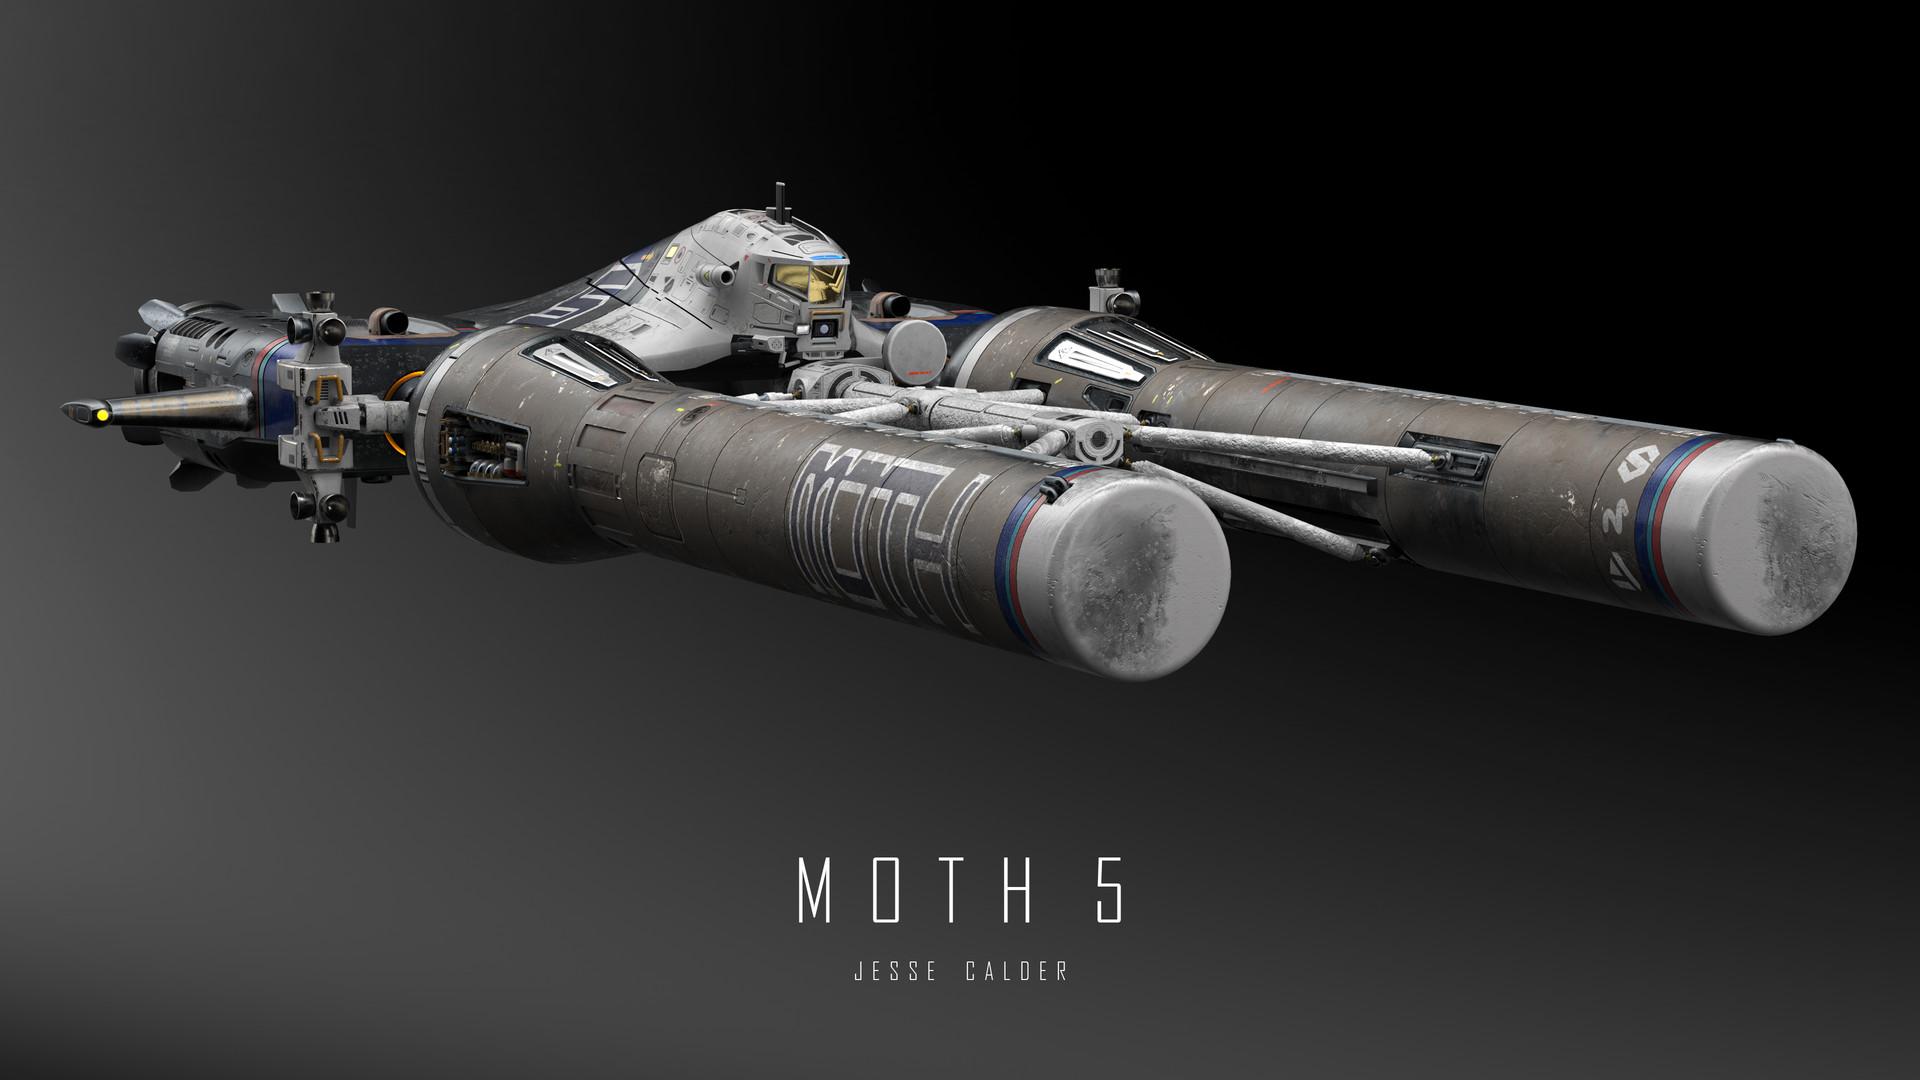 Jesse calder moth render 052 titled